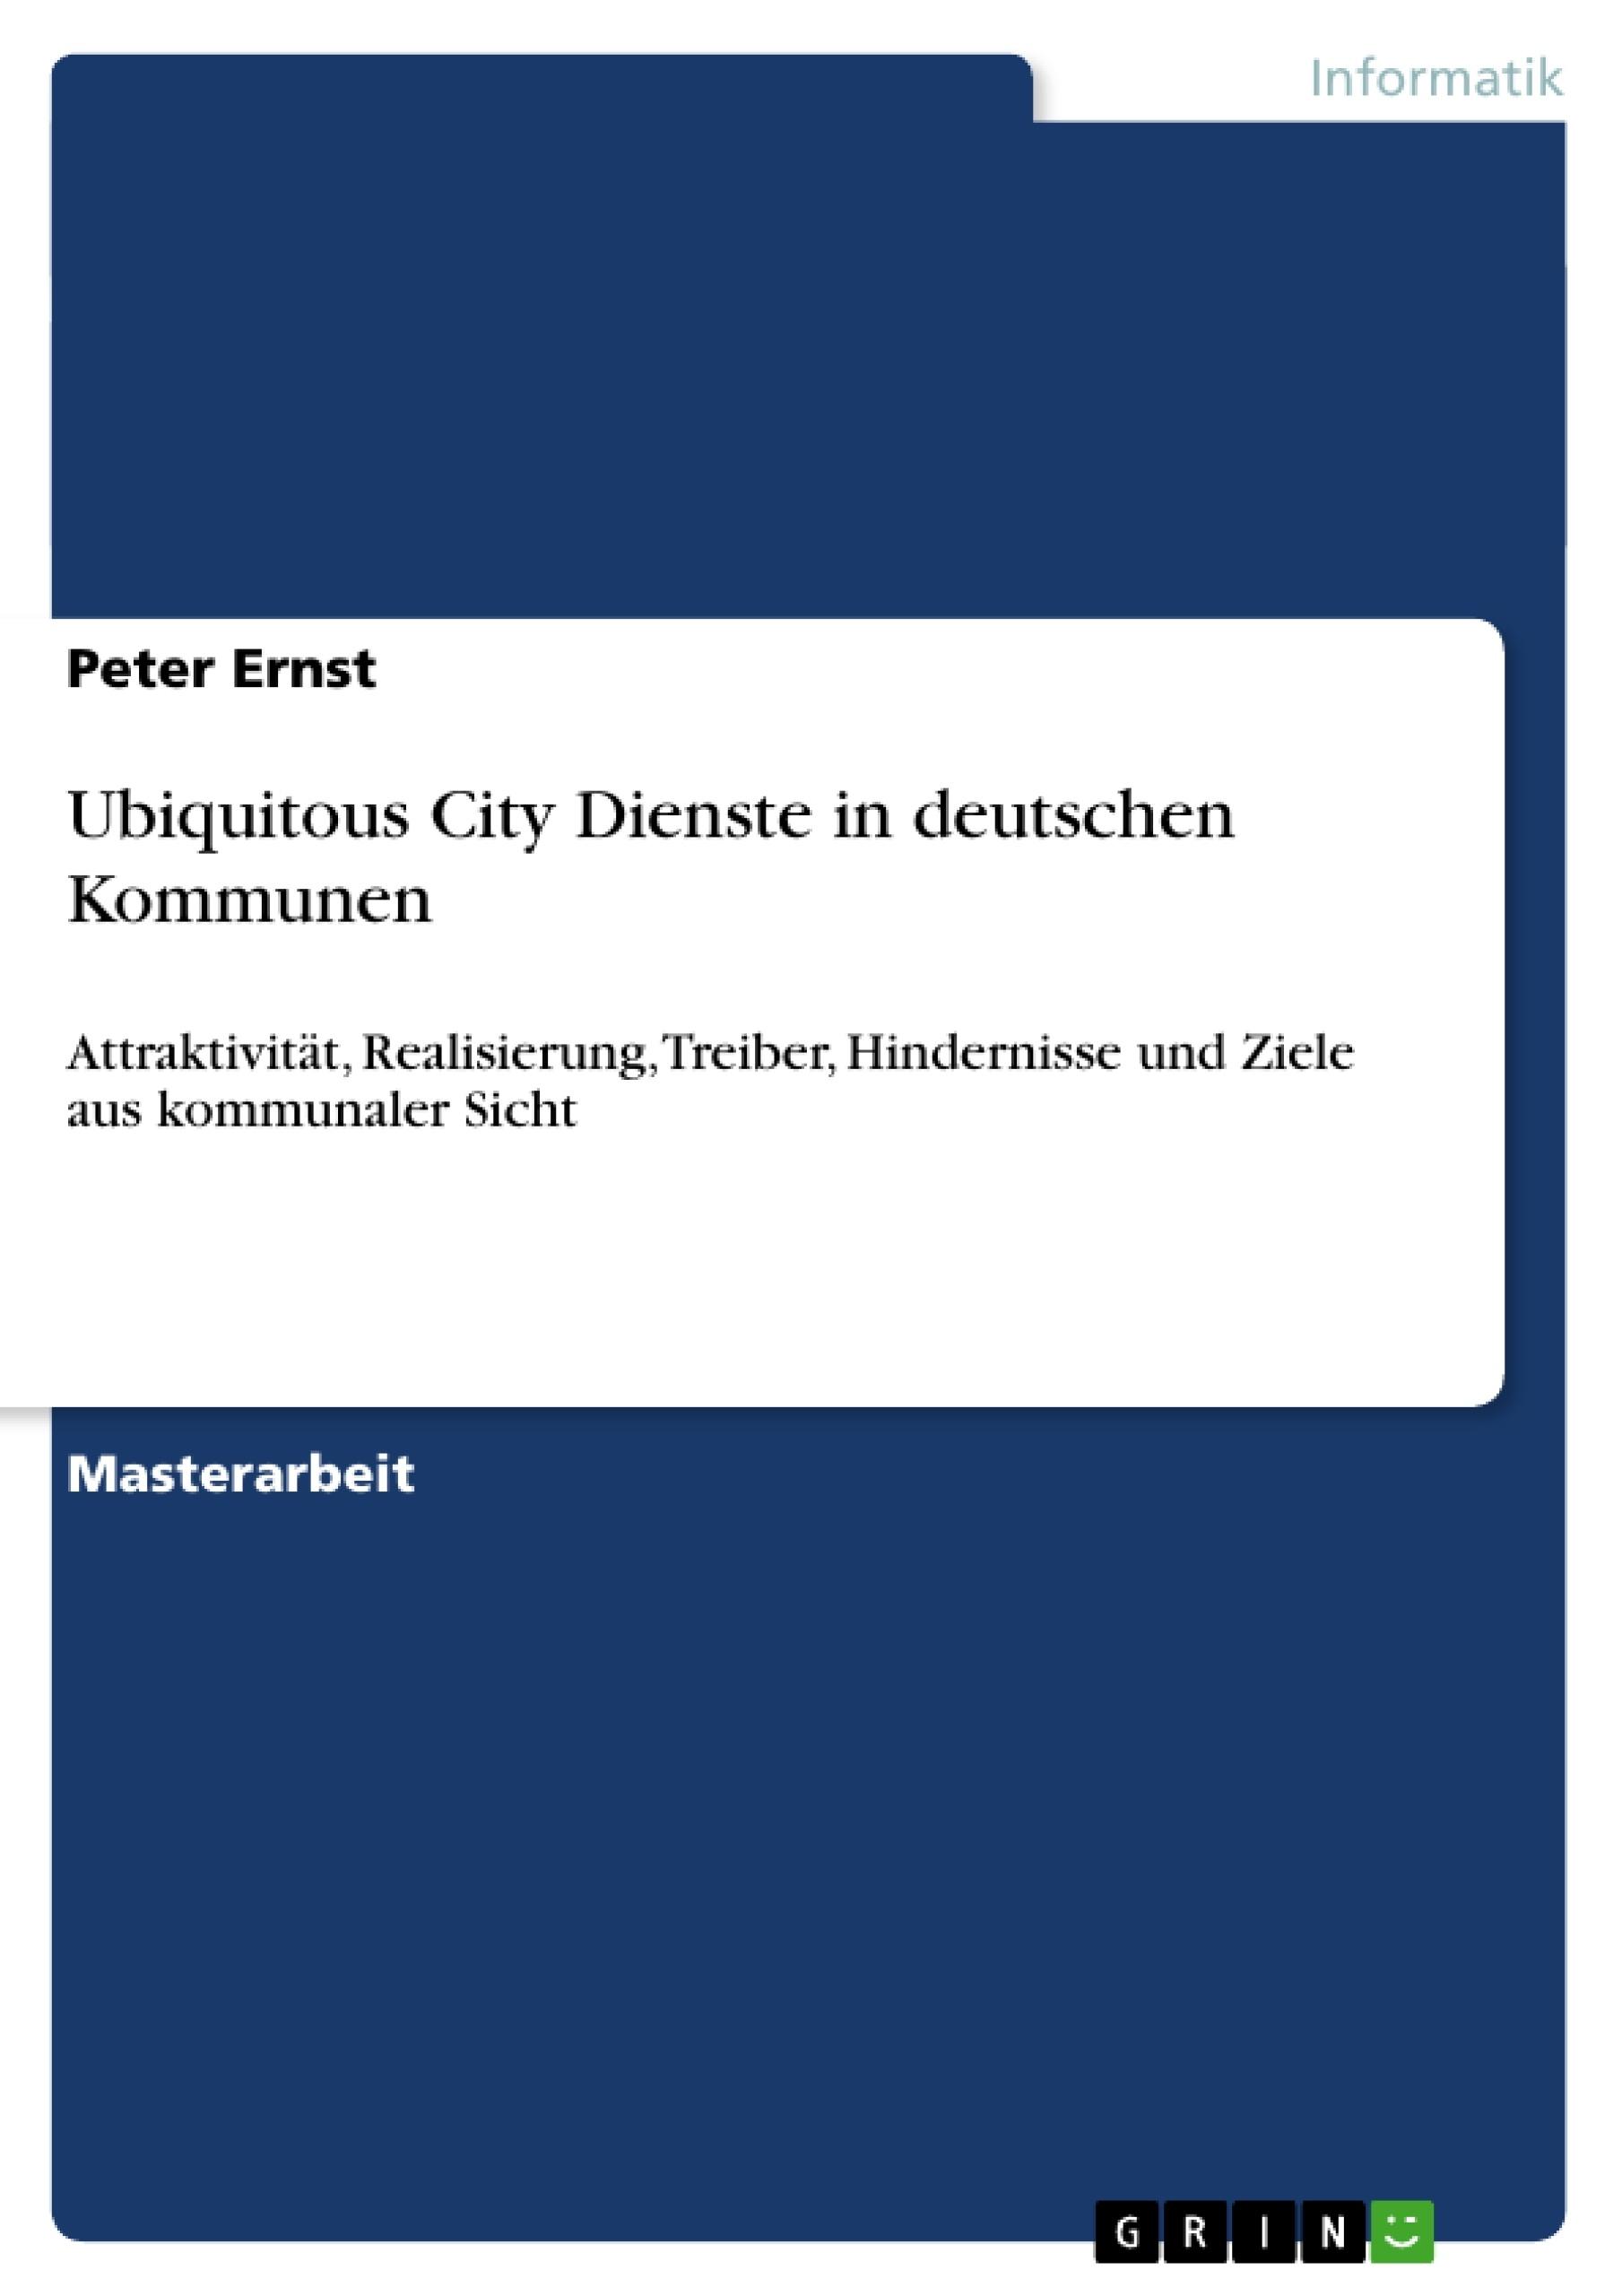 Titel: Ubiquitous City Dienste in deutschen Kommunen